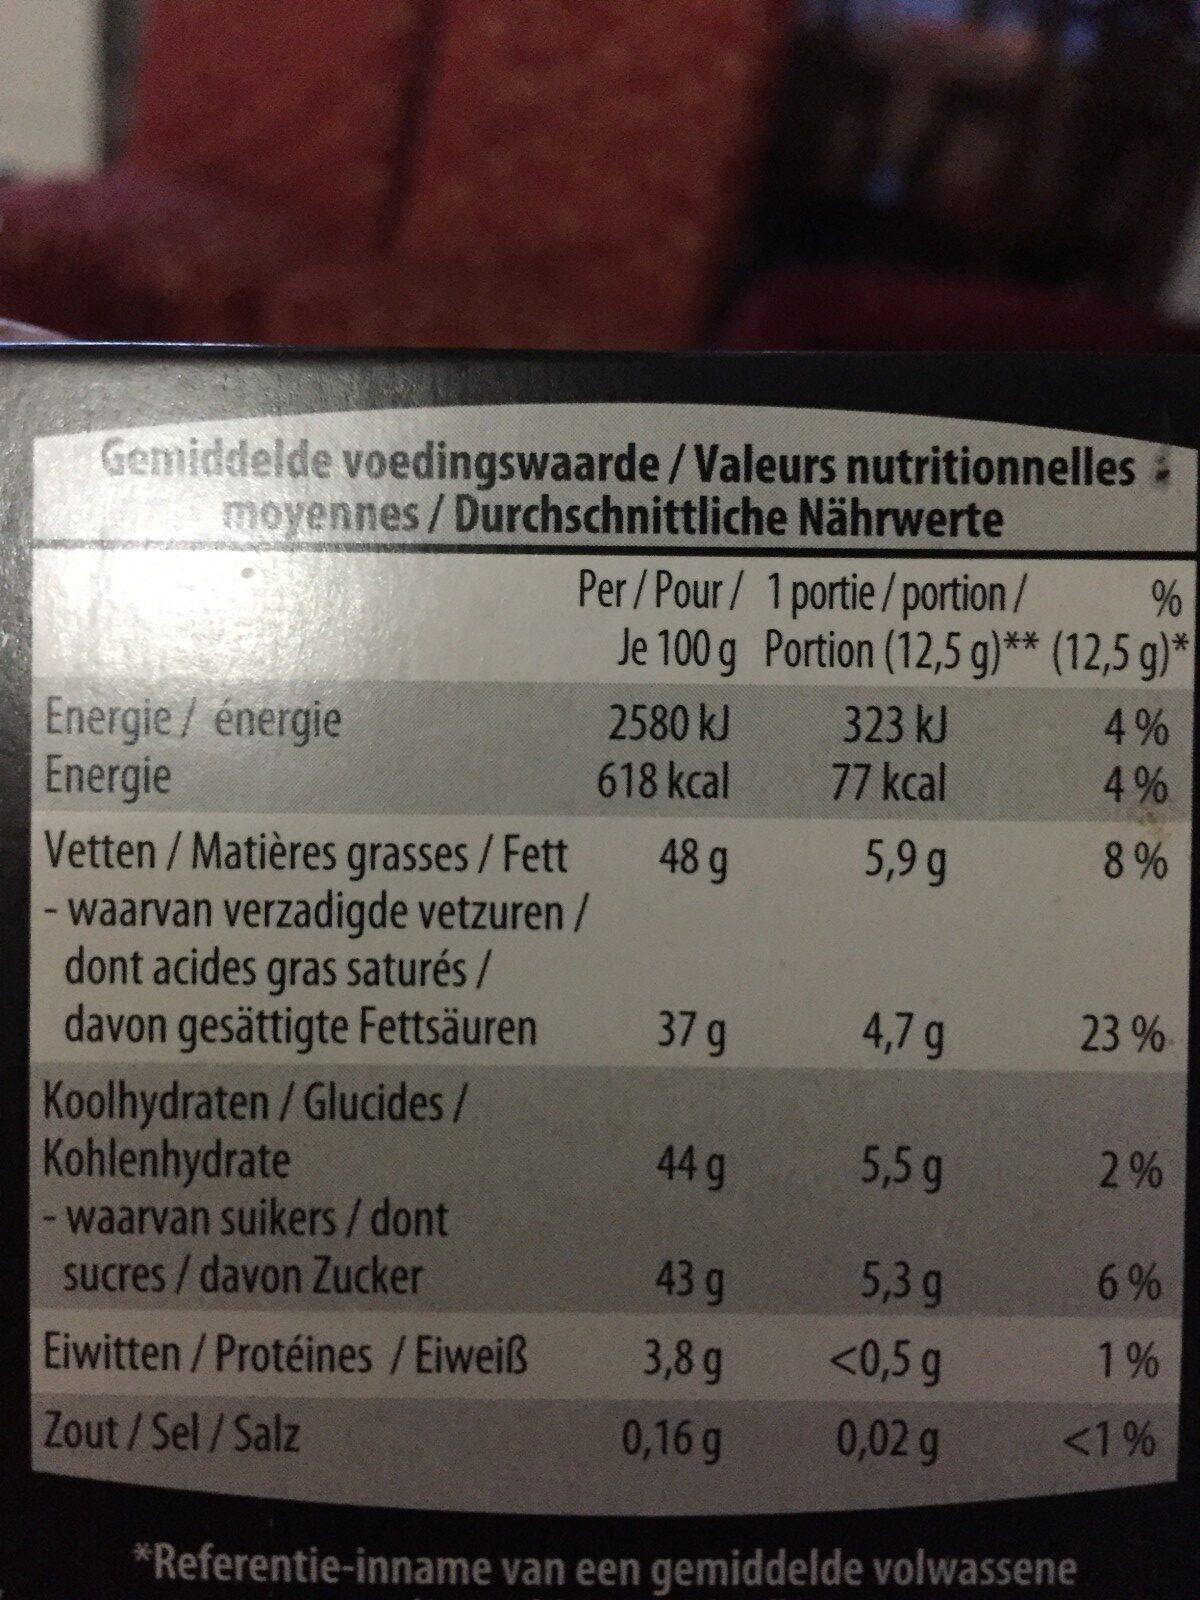 Truffles (Truffes au chocolat) - Ingredients